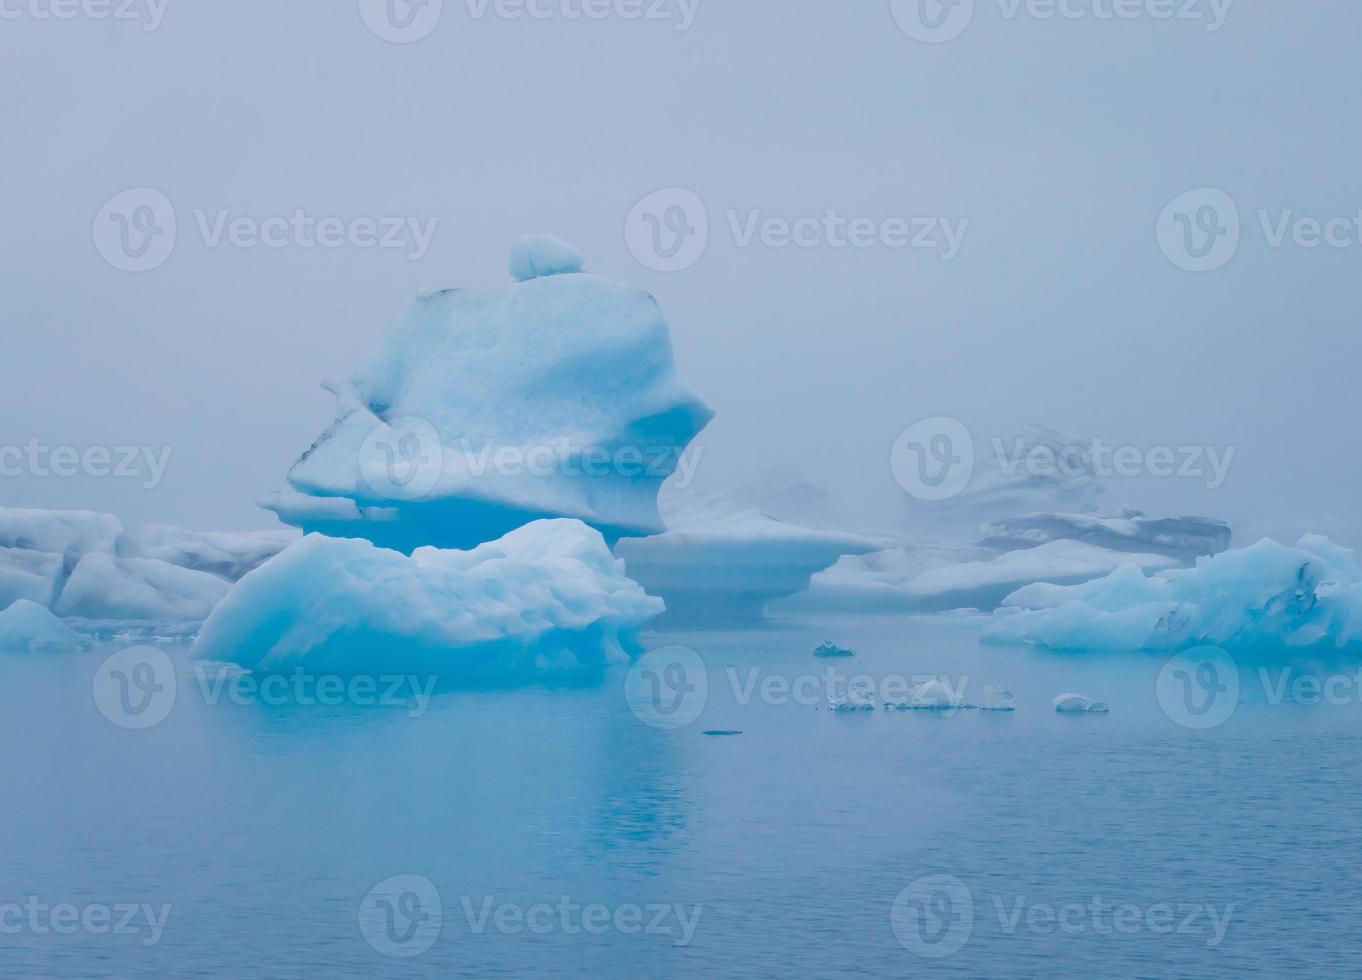 vacker livlig bild av isländska glaciären och glaciärlagunen med foto